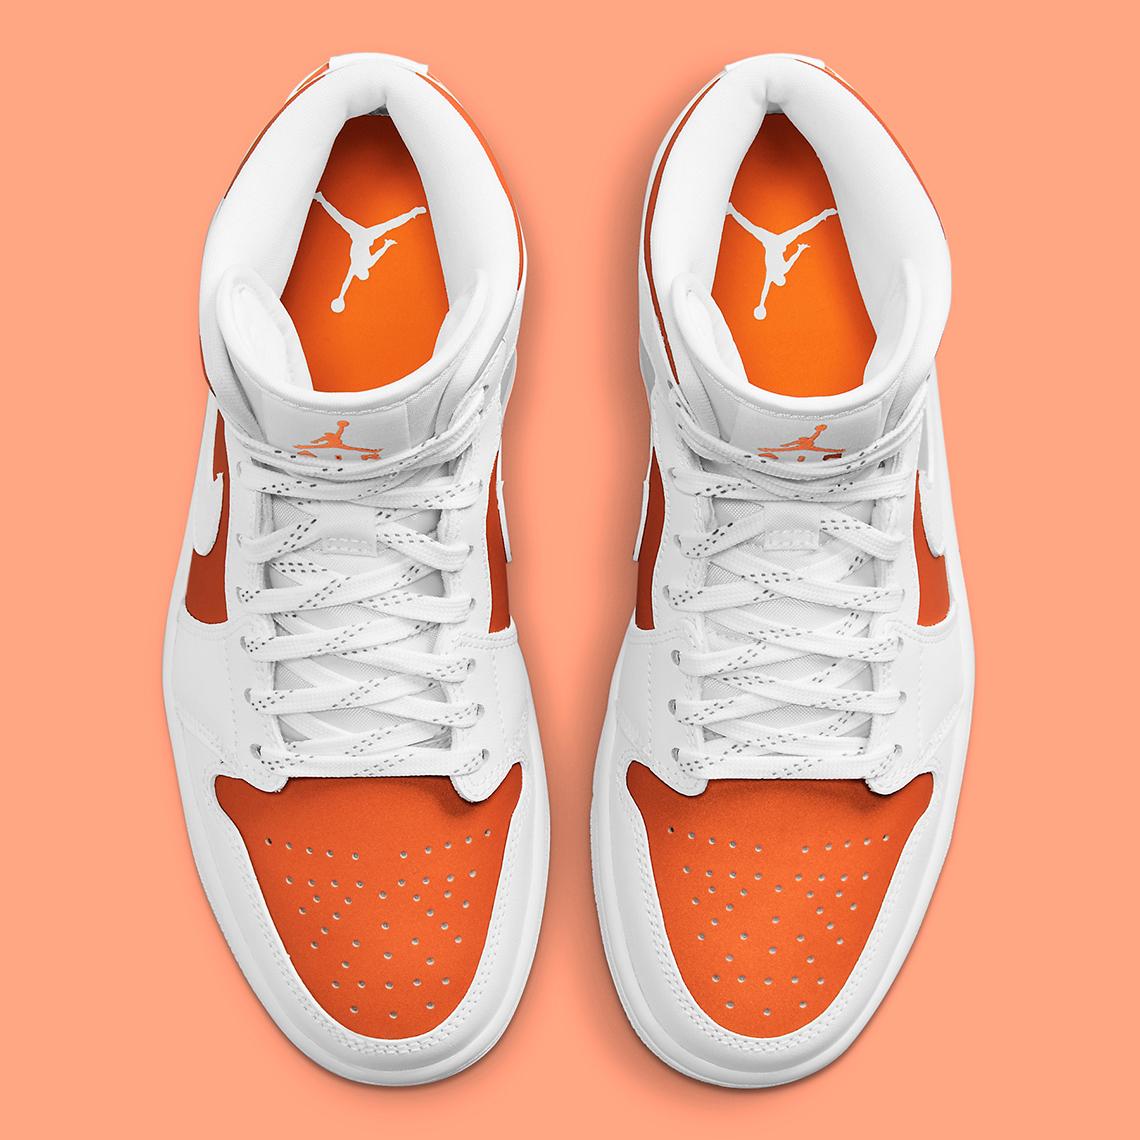 Air Jordan 1 Mid SE ''Bright Citrus'' – CZ0774-800